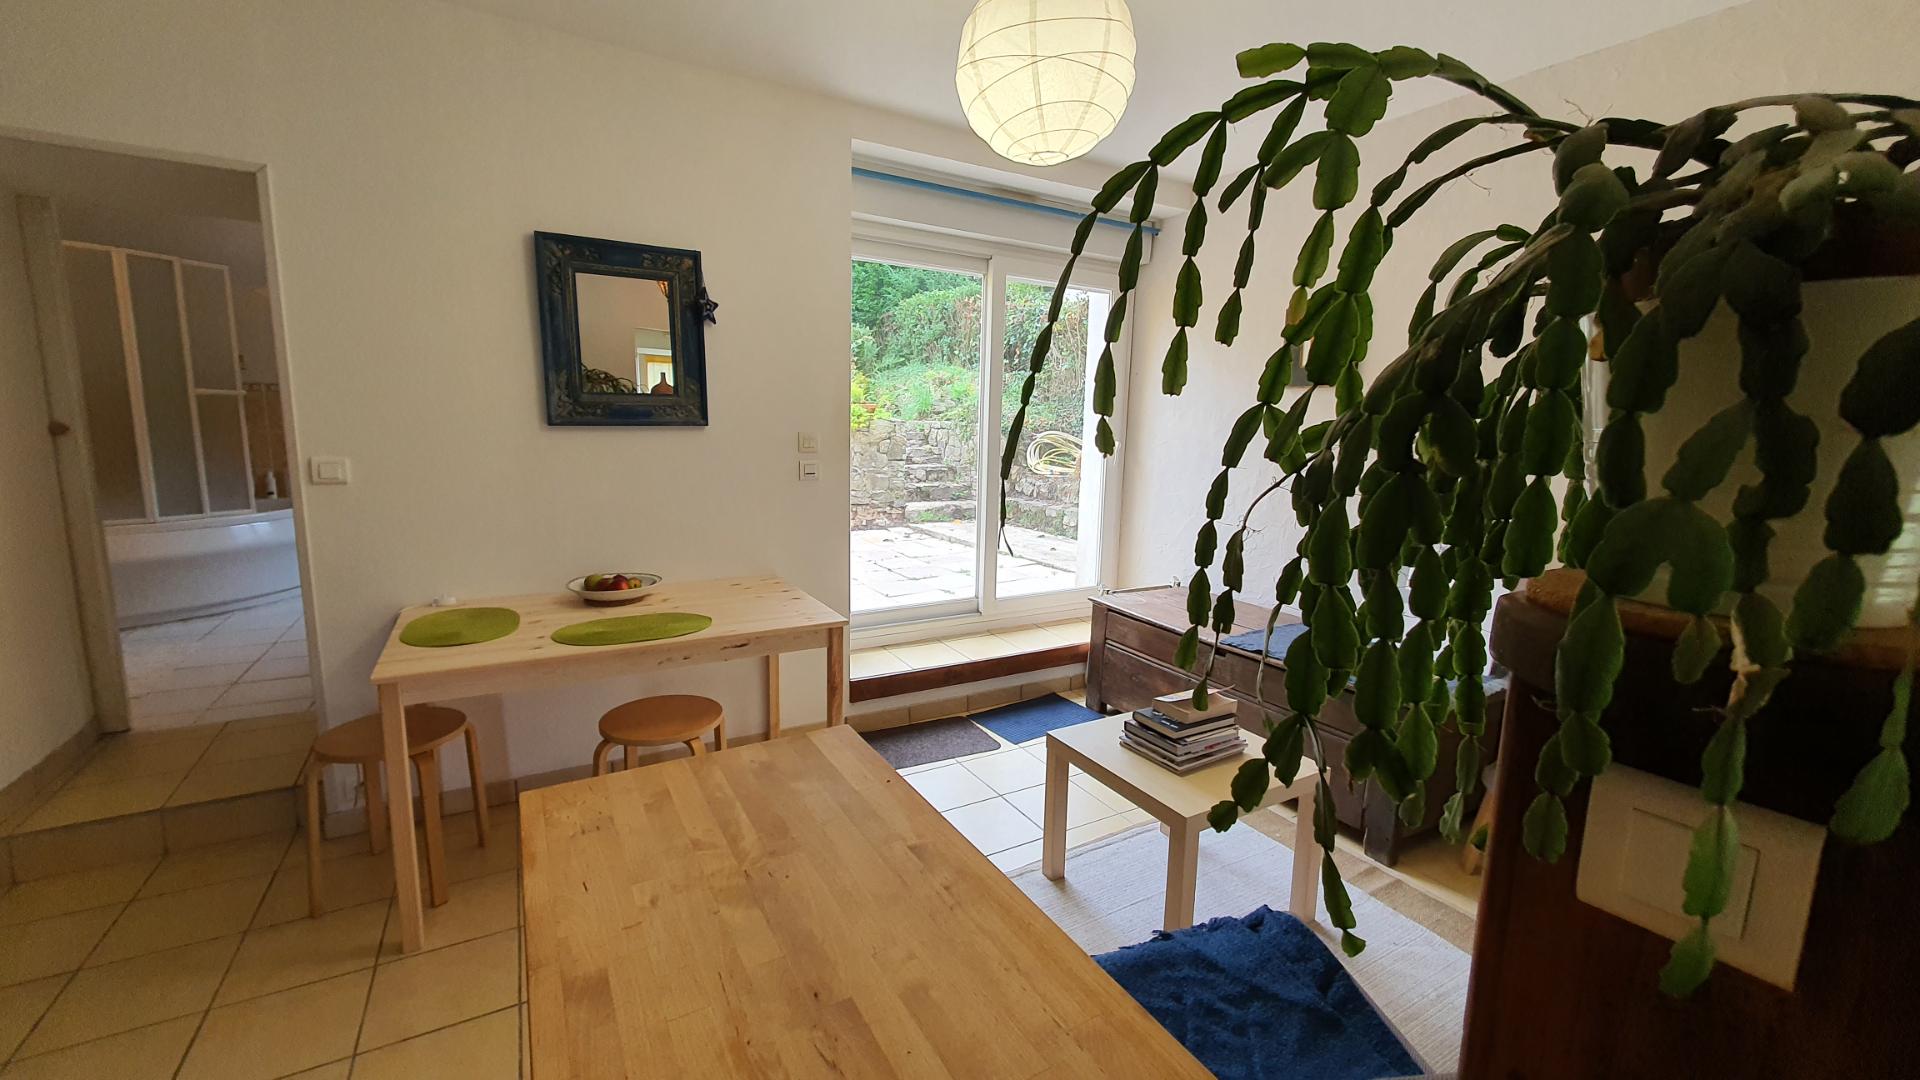 Vente d'une maison 2 pièces (60 m²) à ST RENAN